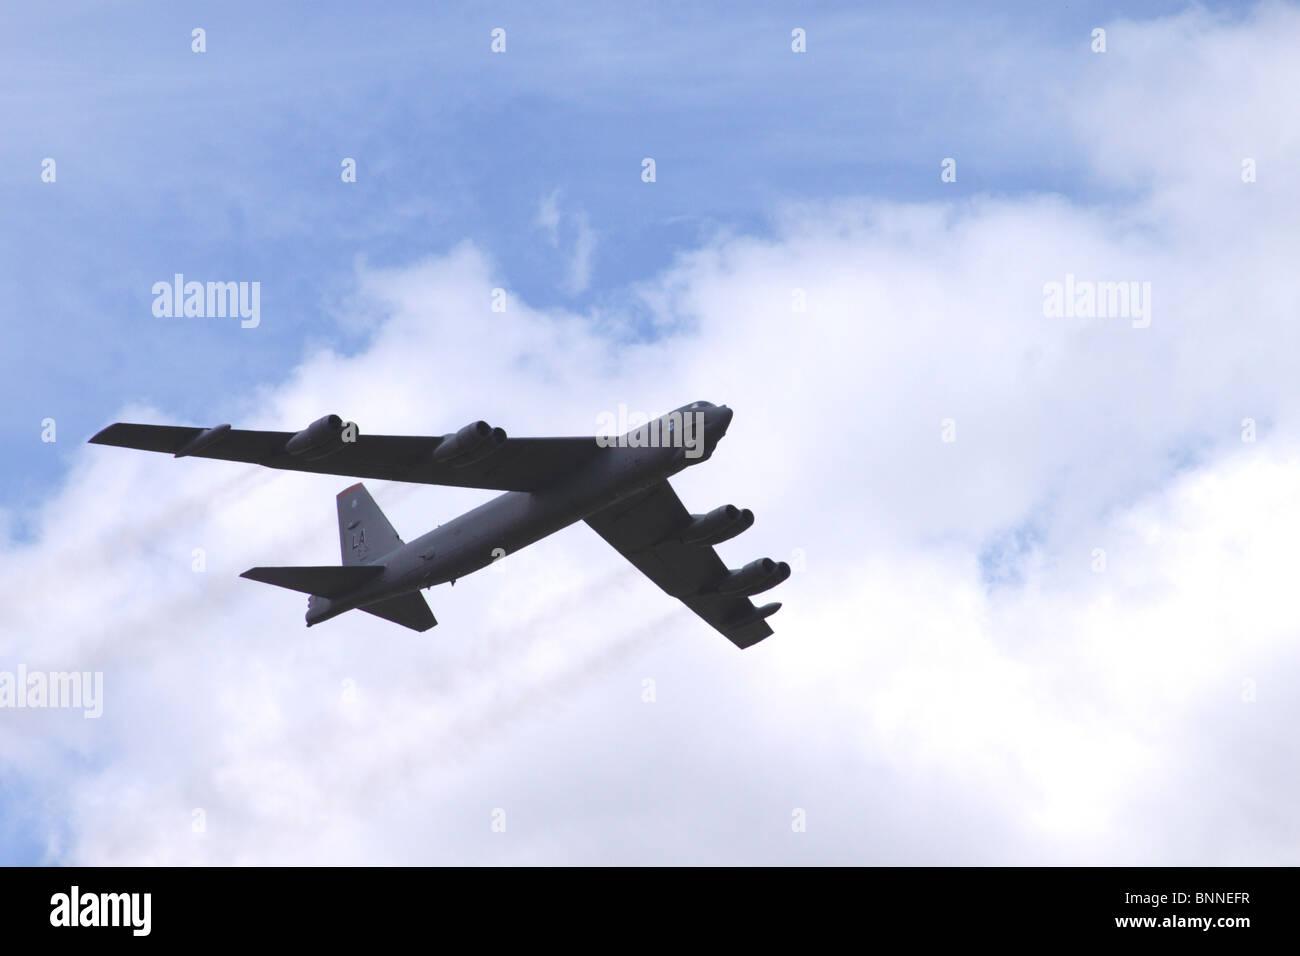 Boeing B52 Stratofortress bombardero estratégico volando en el Salón Aeronáutico de Farnborough 2010 Foto de stock